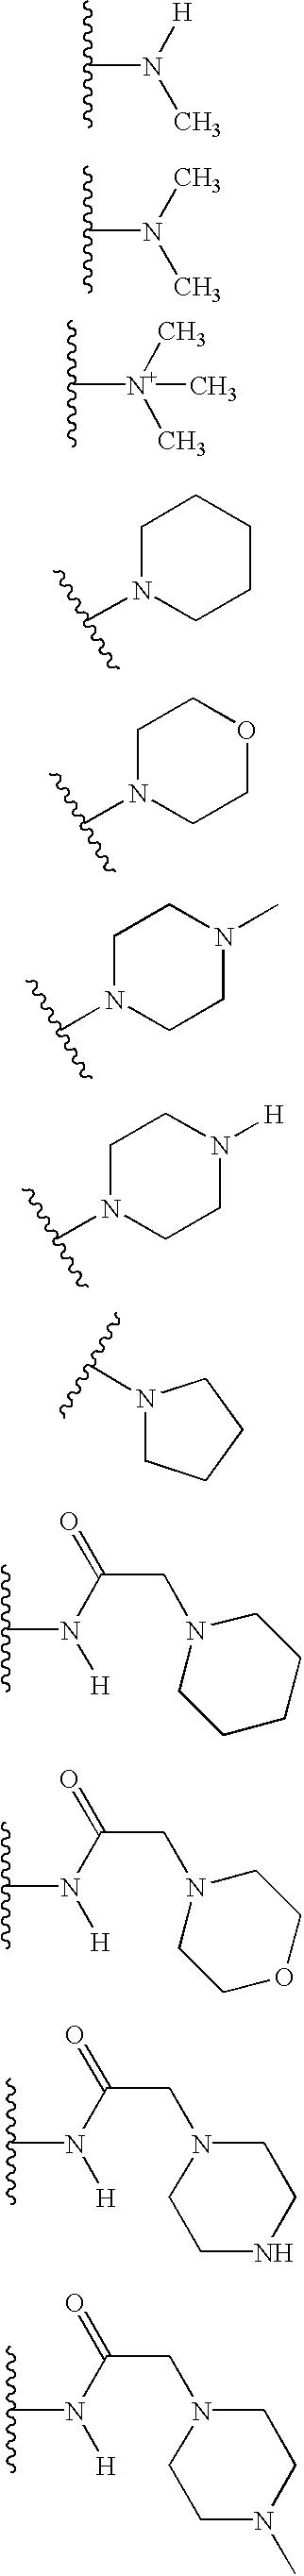 Figure US06498238-20021224-C00751